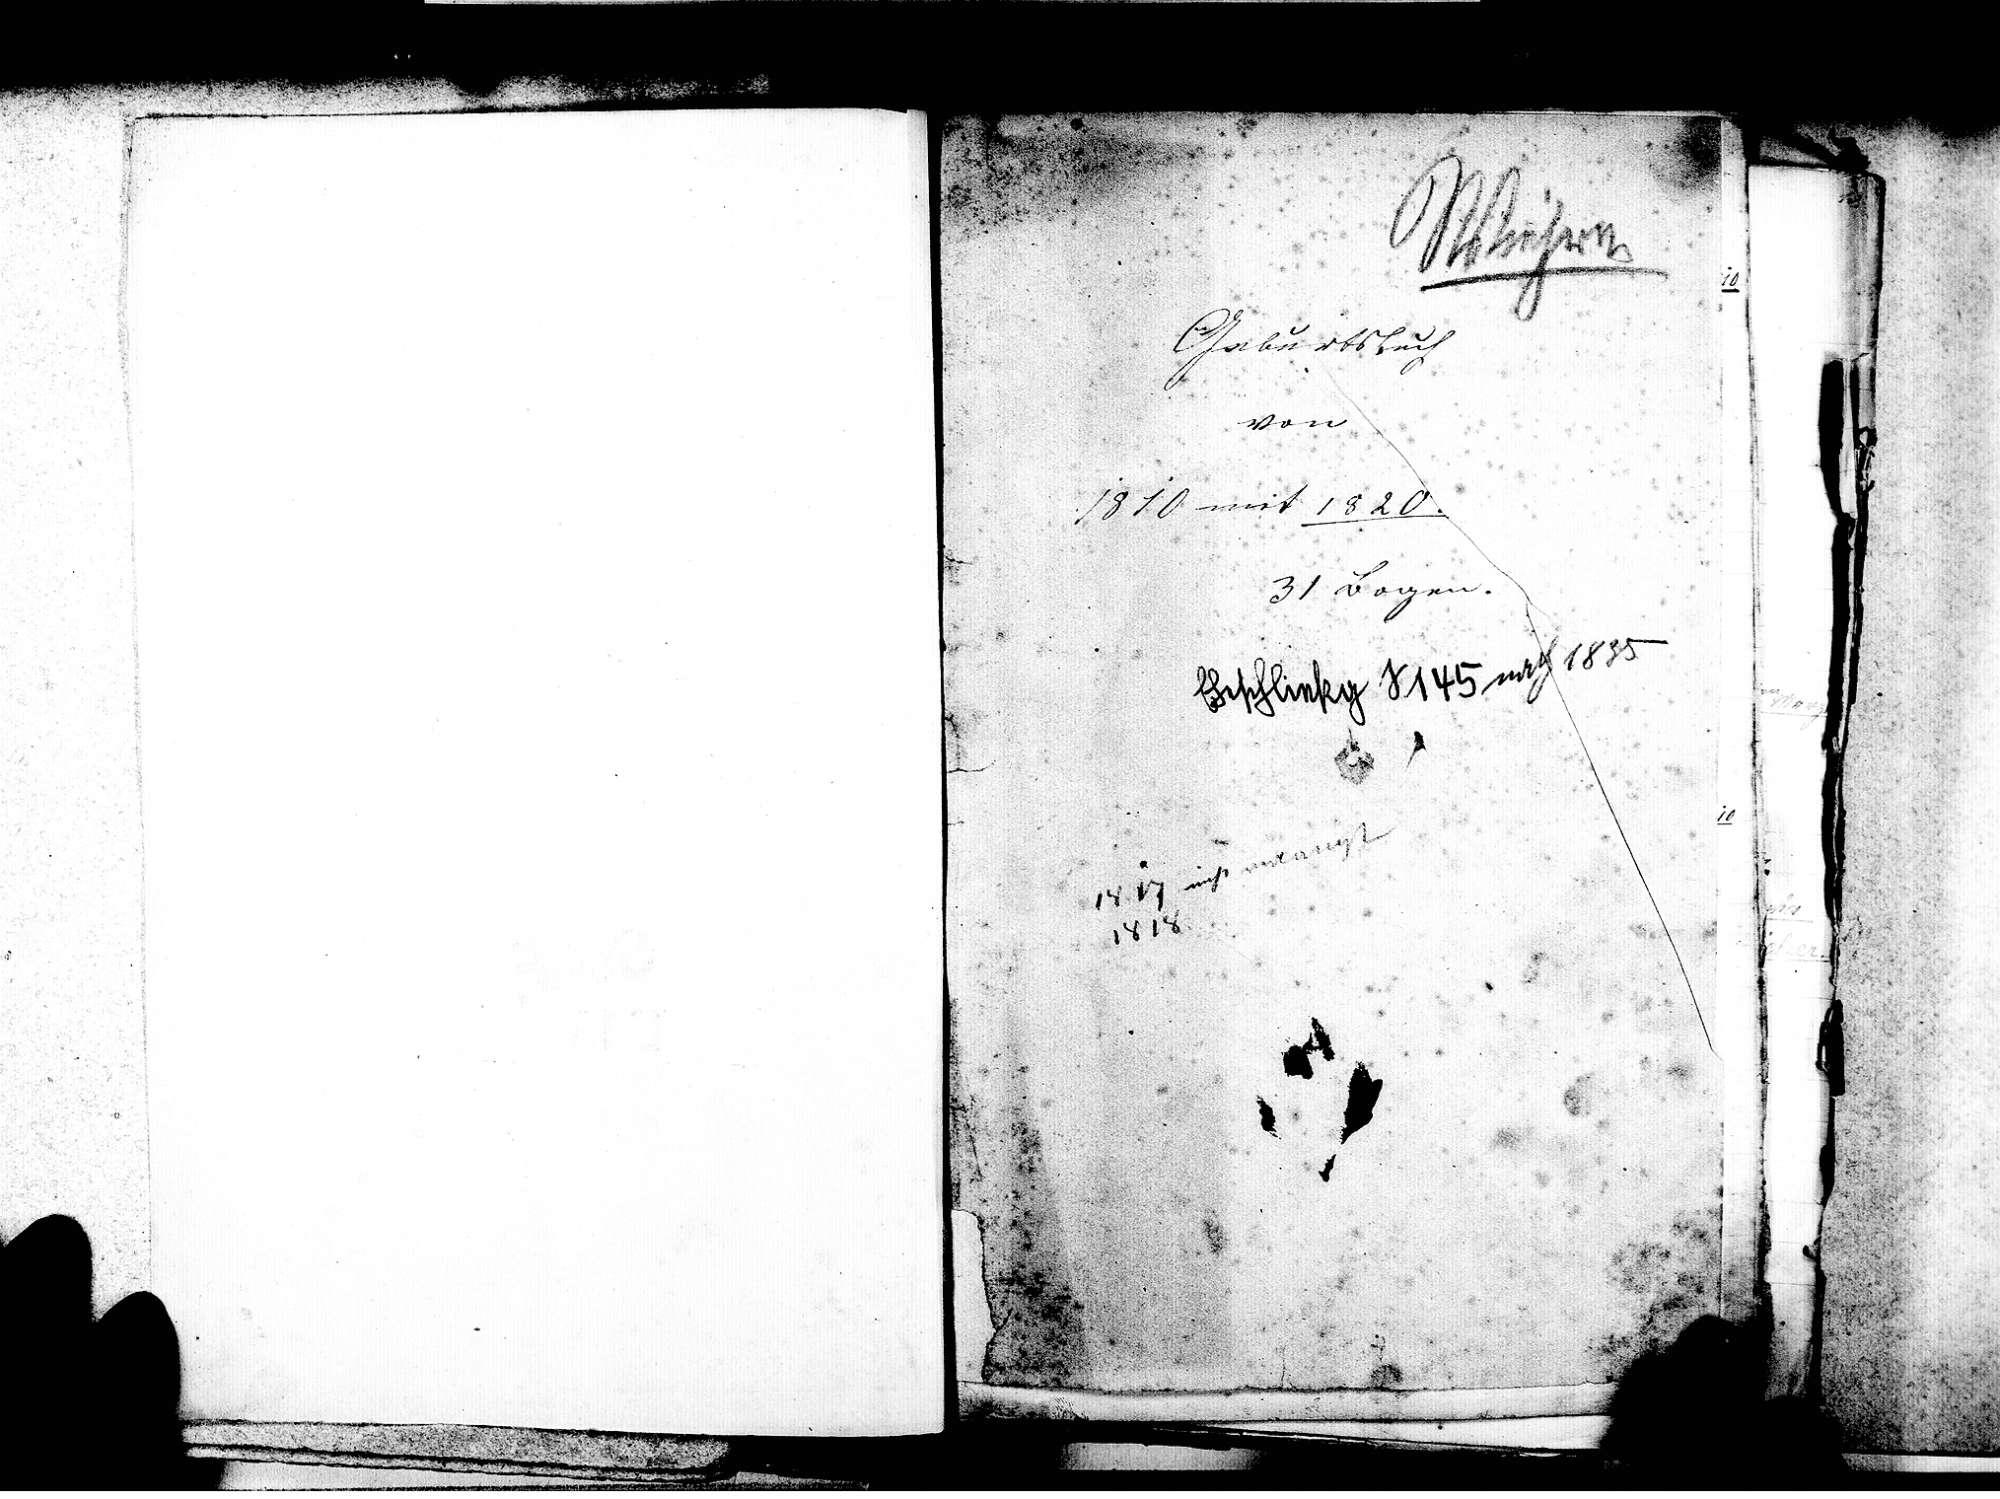 Wiehre, Freiburg FR; Katholische Gemeinde: Standesbuch 1810-1843, Bild 3